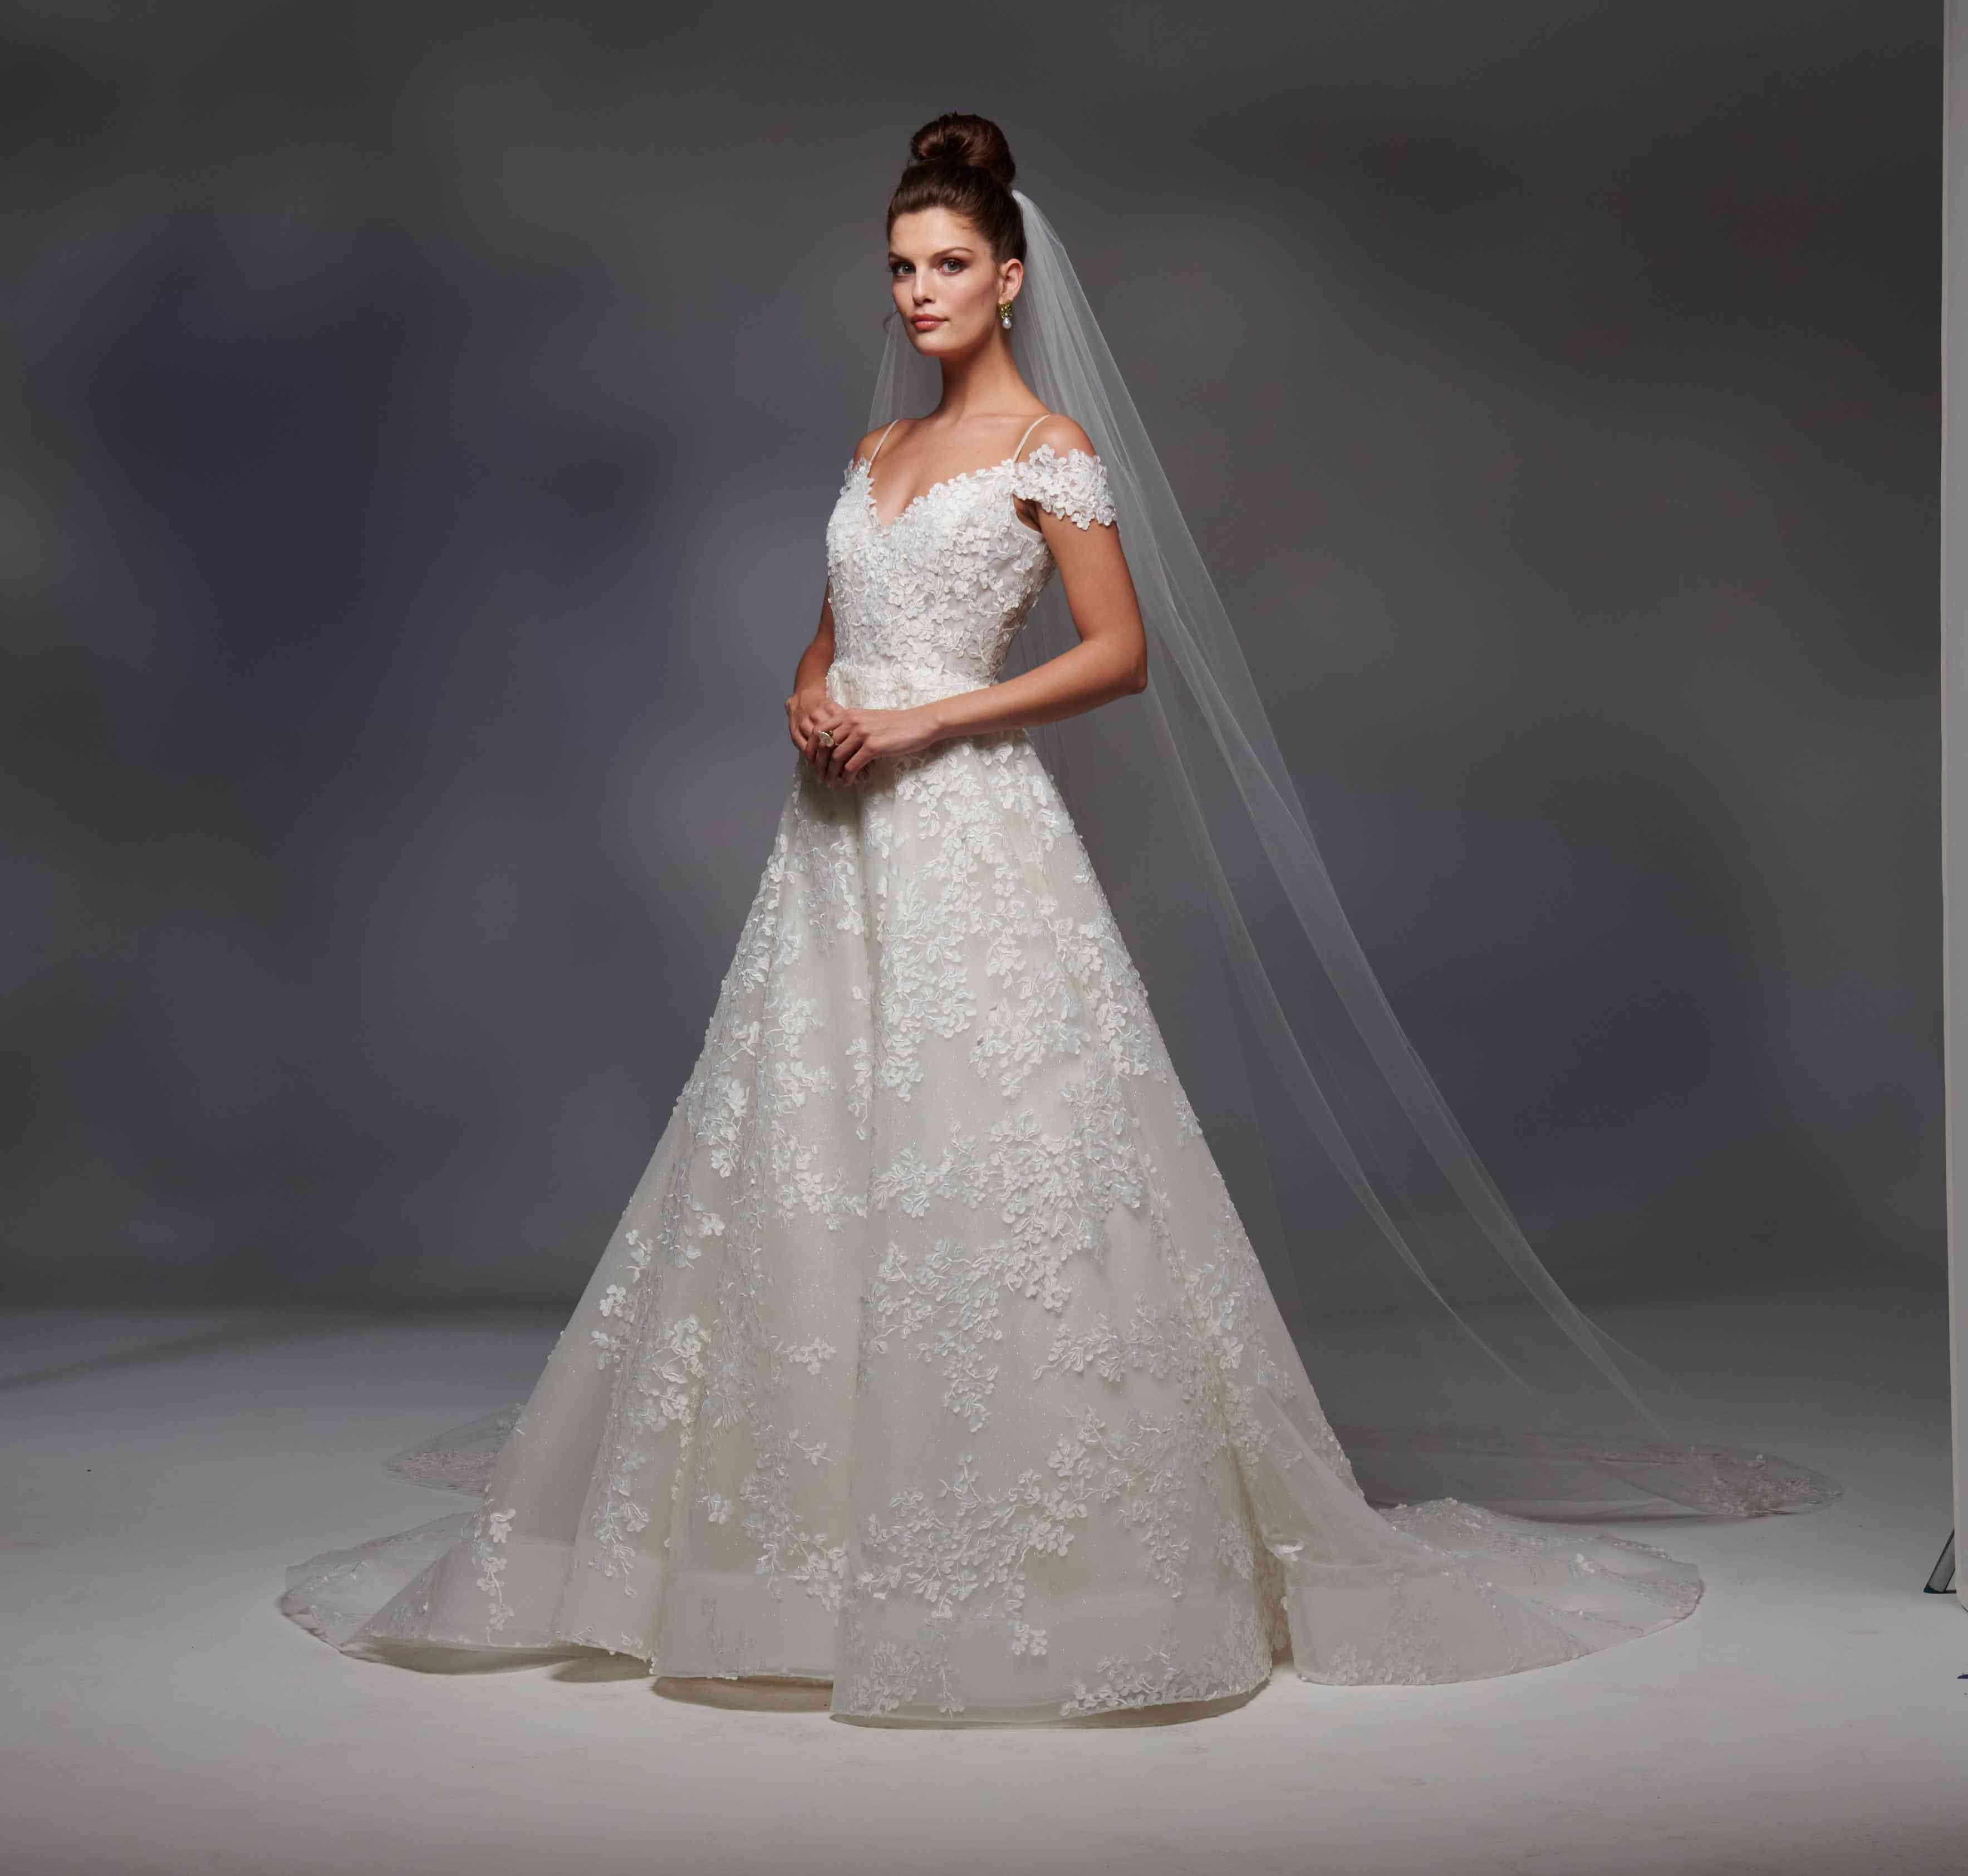 Vienna off-the-shoulder wedding dress